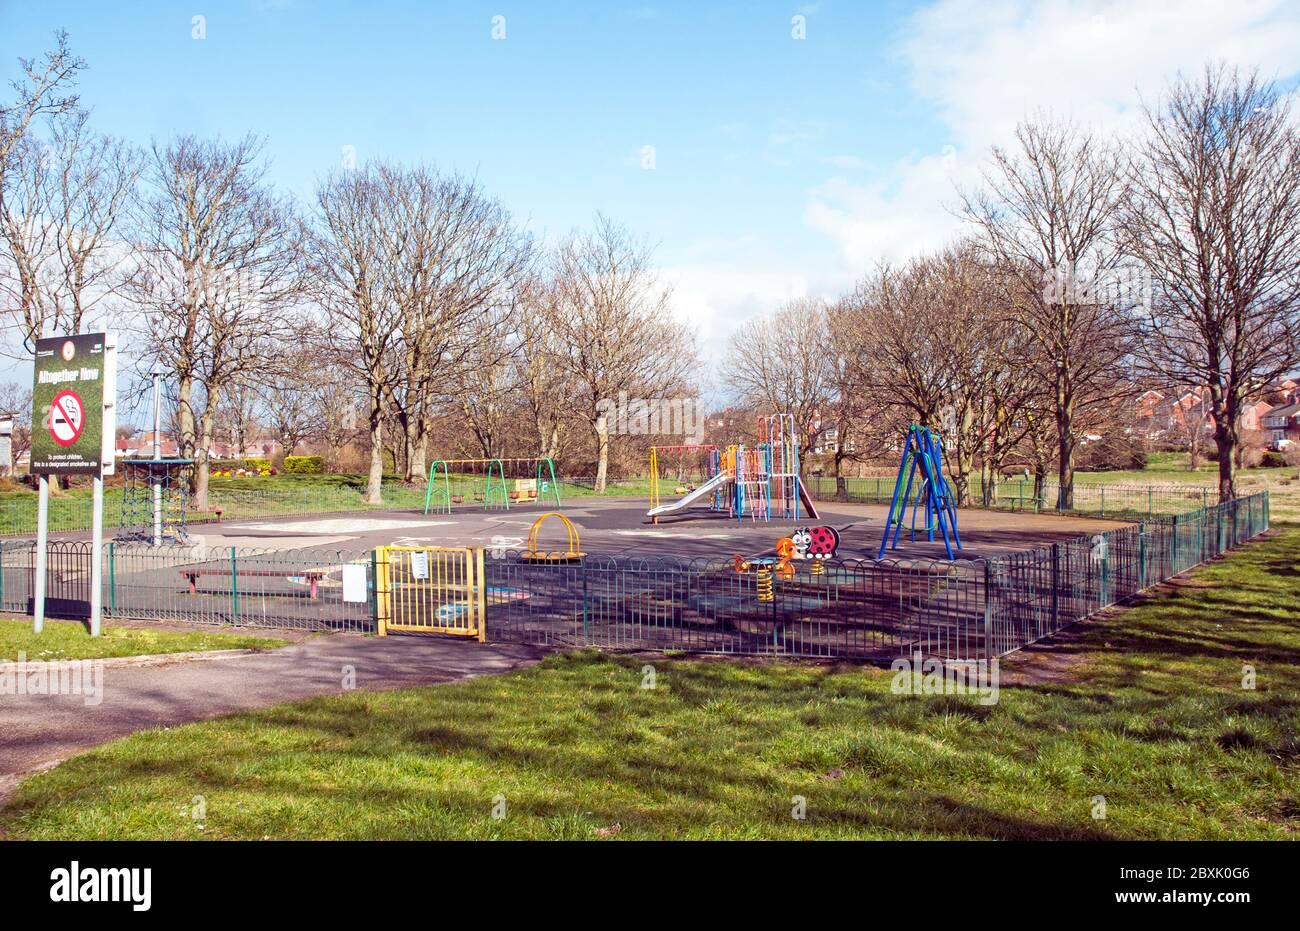 Parque infantil cerrado y abandonado debido a ser encerrado por el virus de la Corona covid 19. Kingscote Park Blackpool Lancashire Inglaterra Reino Unido Foto de stock